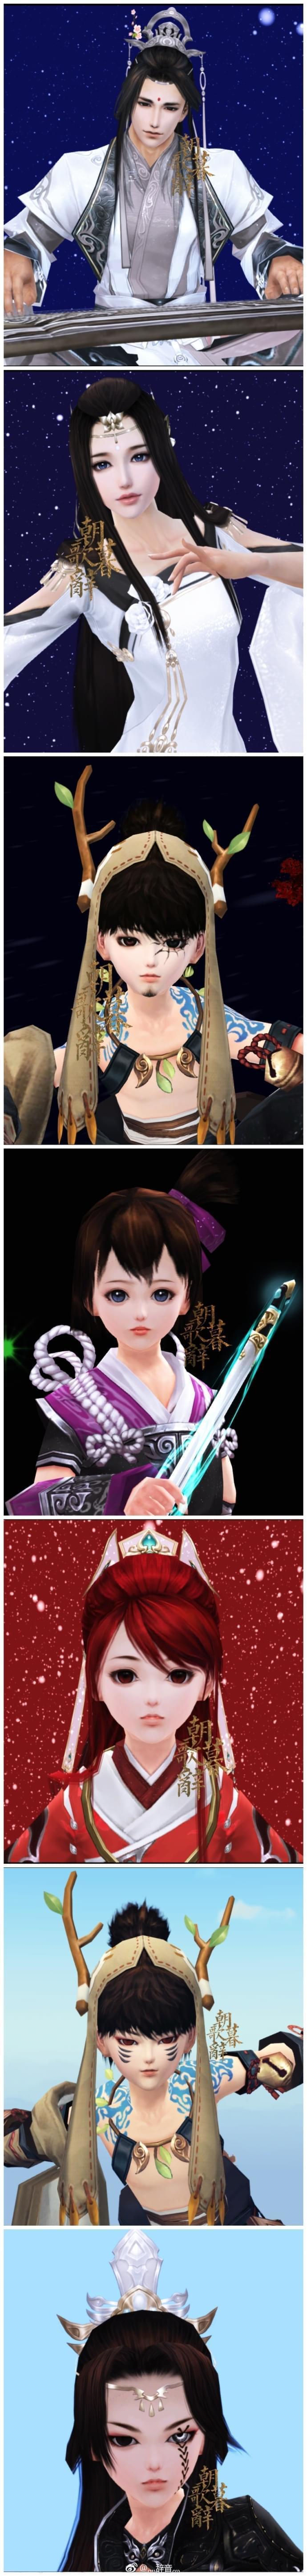 剑网3全体型捏脸数据打包 成男成女萝莉应有尽有